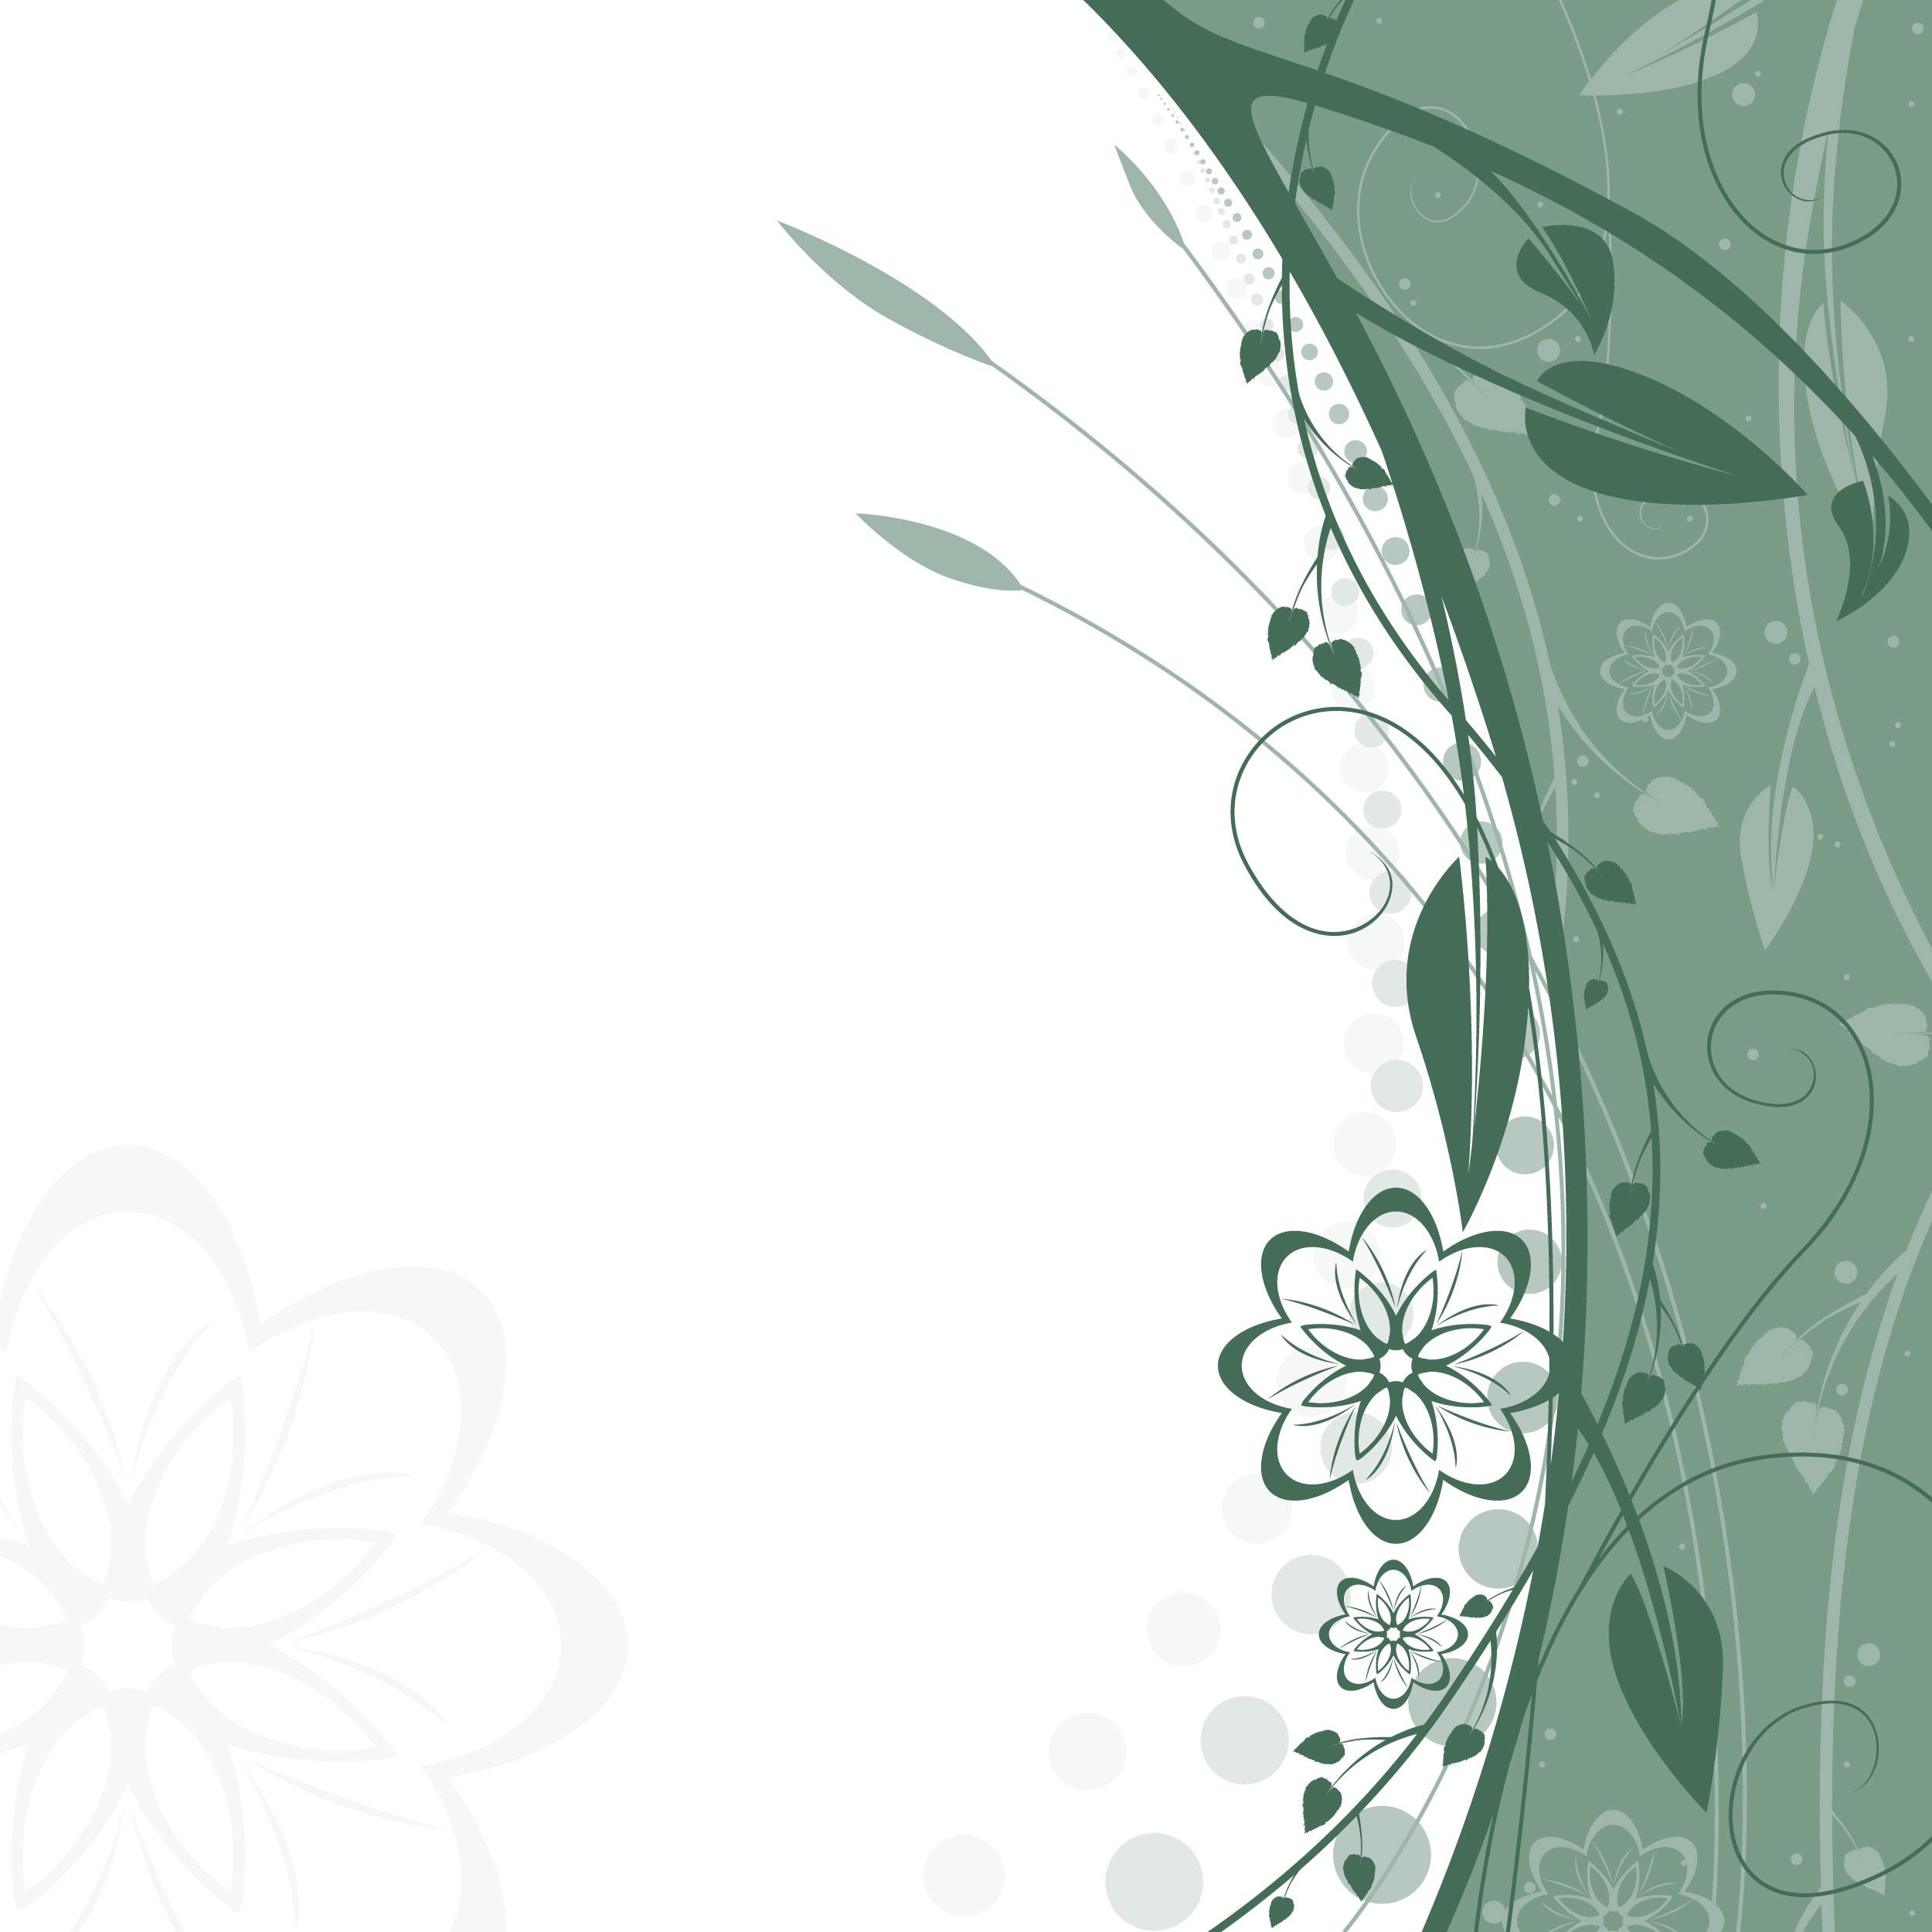 花のイラスト・フリー素材/壁紙・背景no.307『緑と白・影・茎葉』